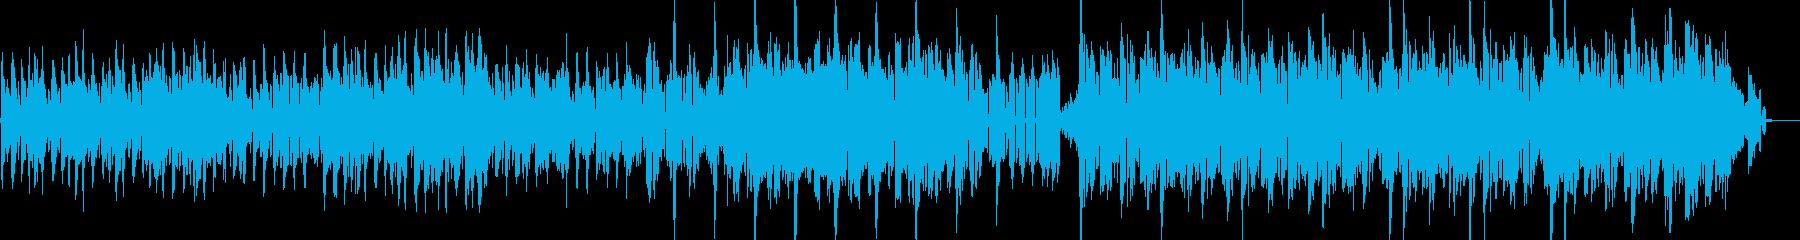 民族調のメロディとシンセをMIXした曲の再生済みの波形